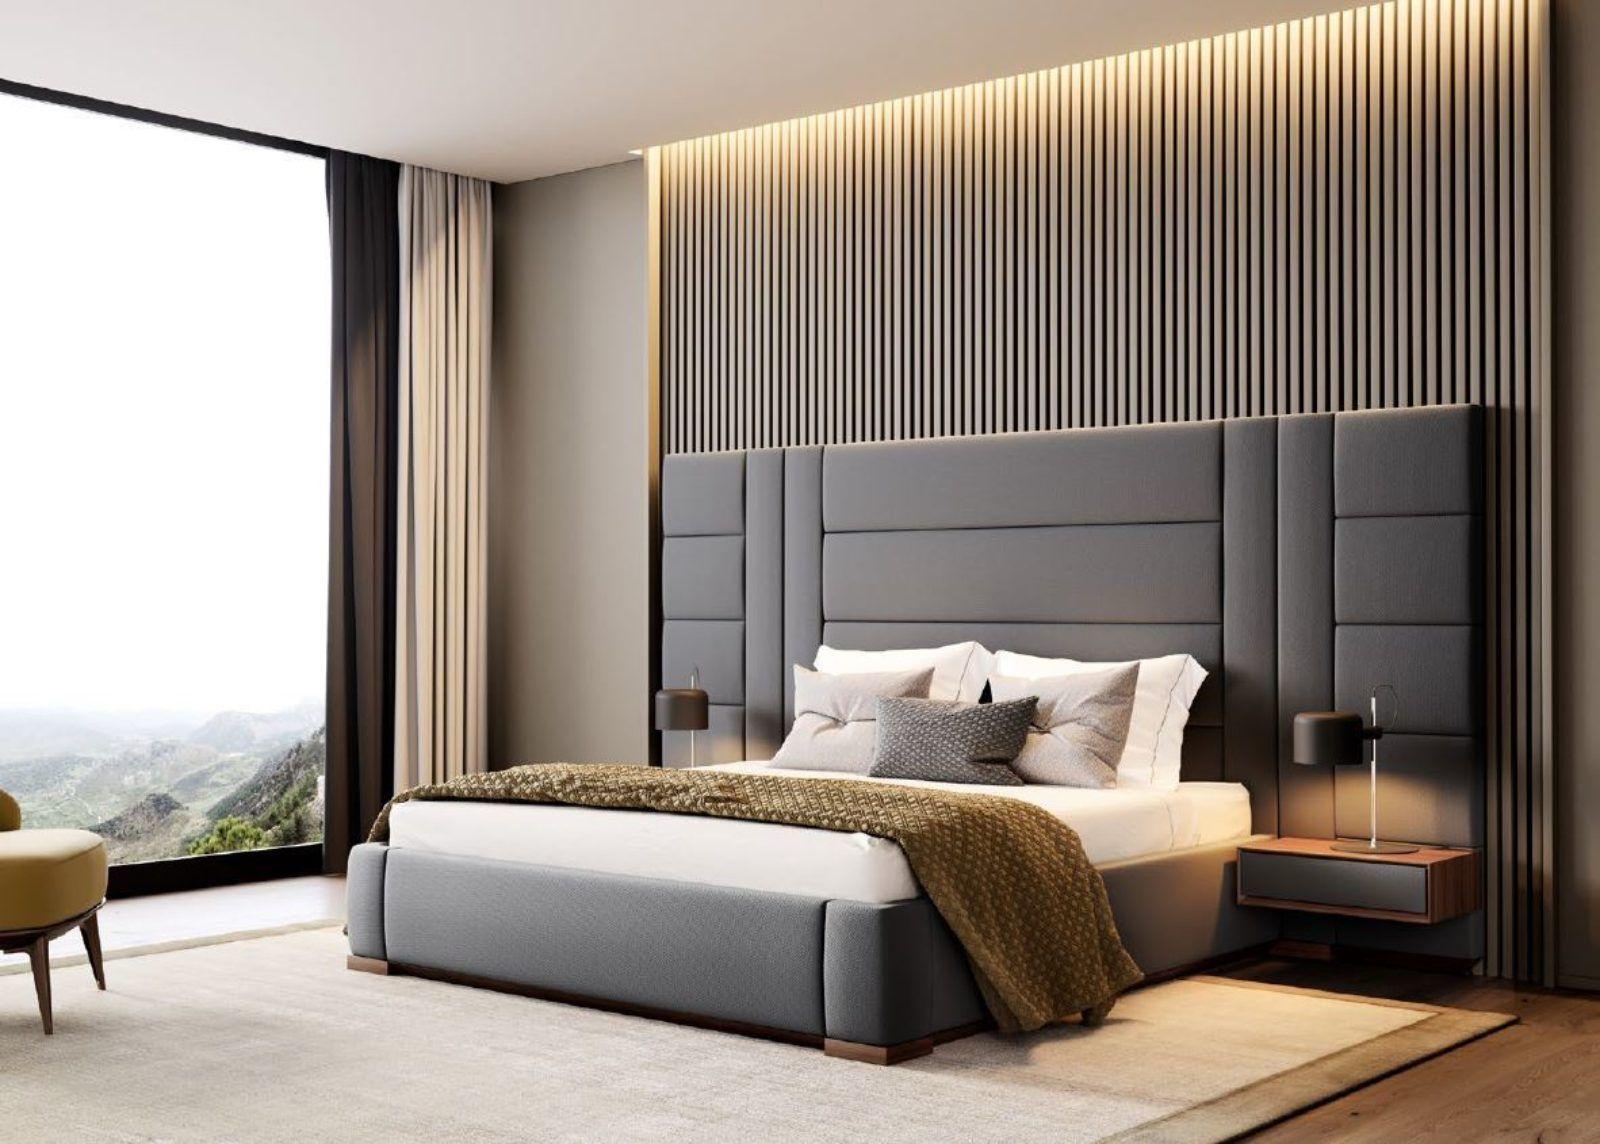 Bạn đã biết cách sử dụng thảm trải sàn cho phòng ngủ cổ điển chưa?